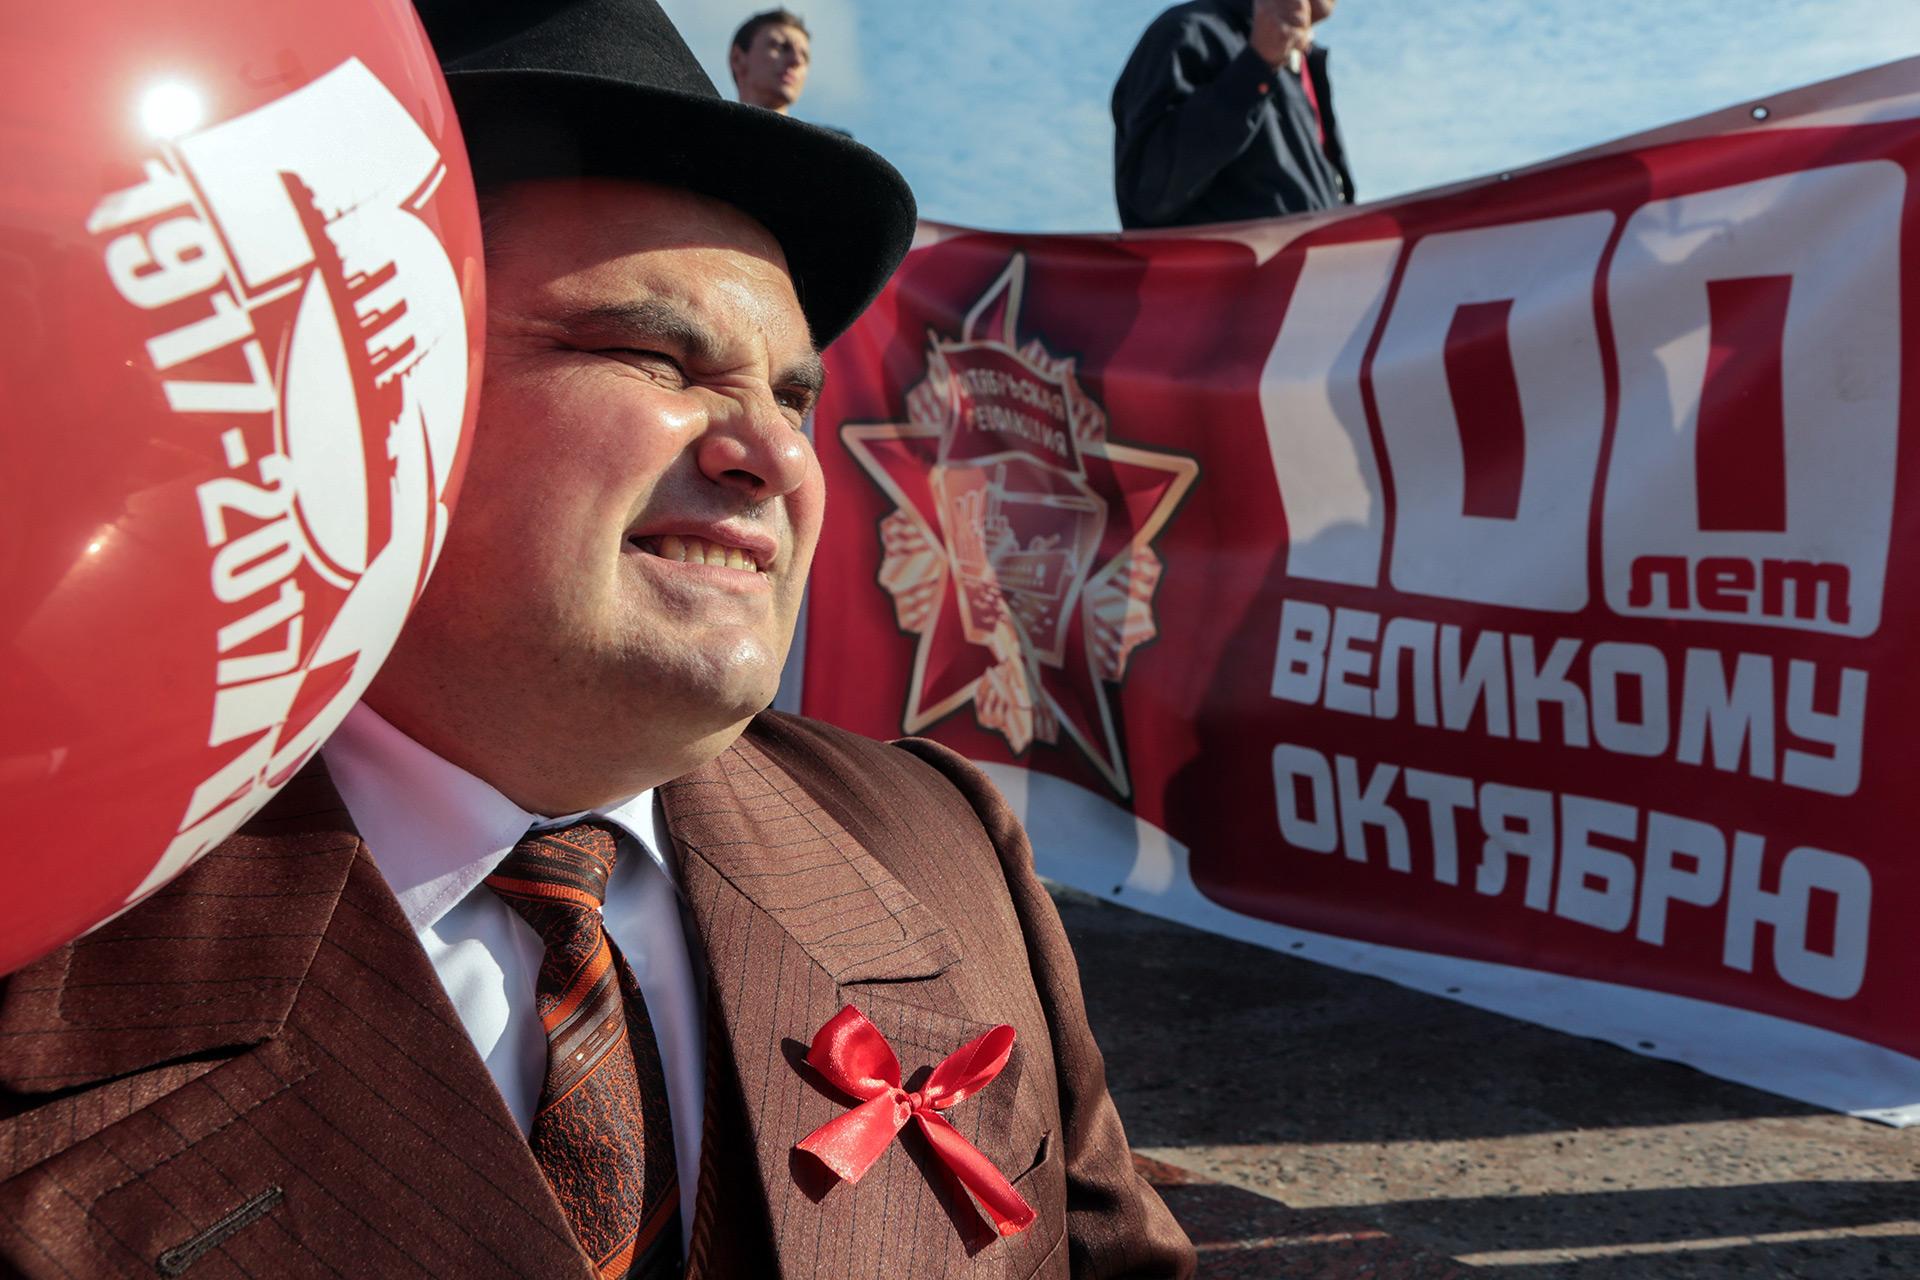 Los actos de celebración fueron organizados por el Partido Comunista de Rusia, que sigue siendo una fuerza política importante en el país (AFP)